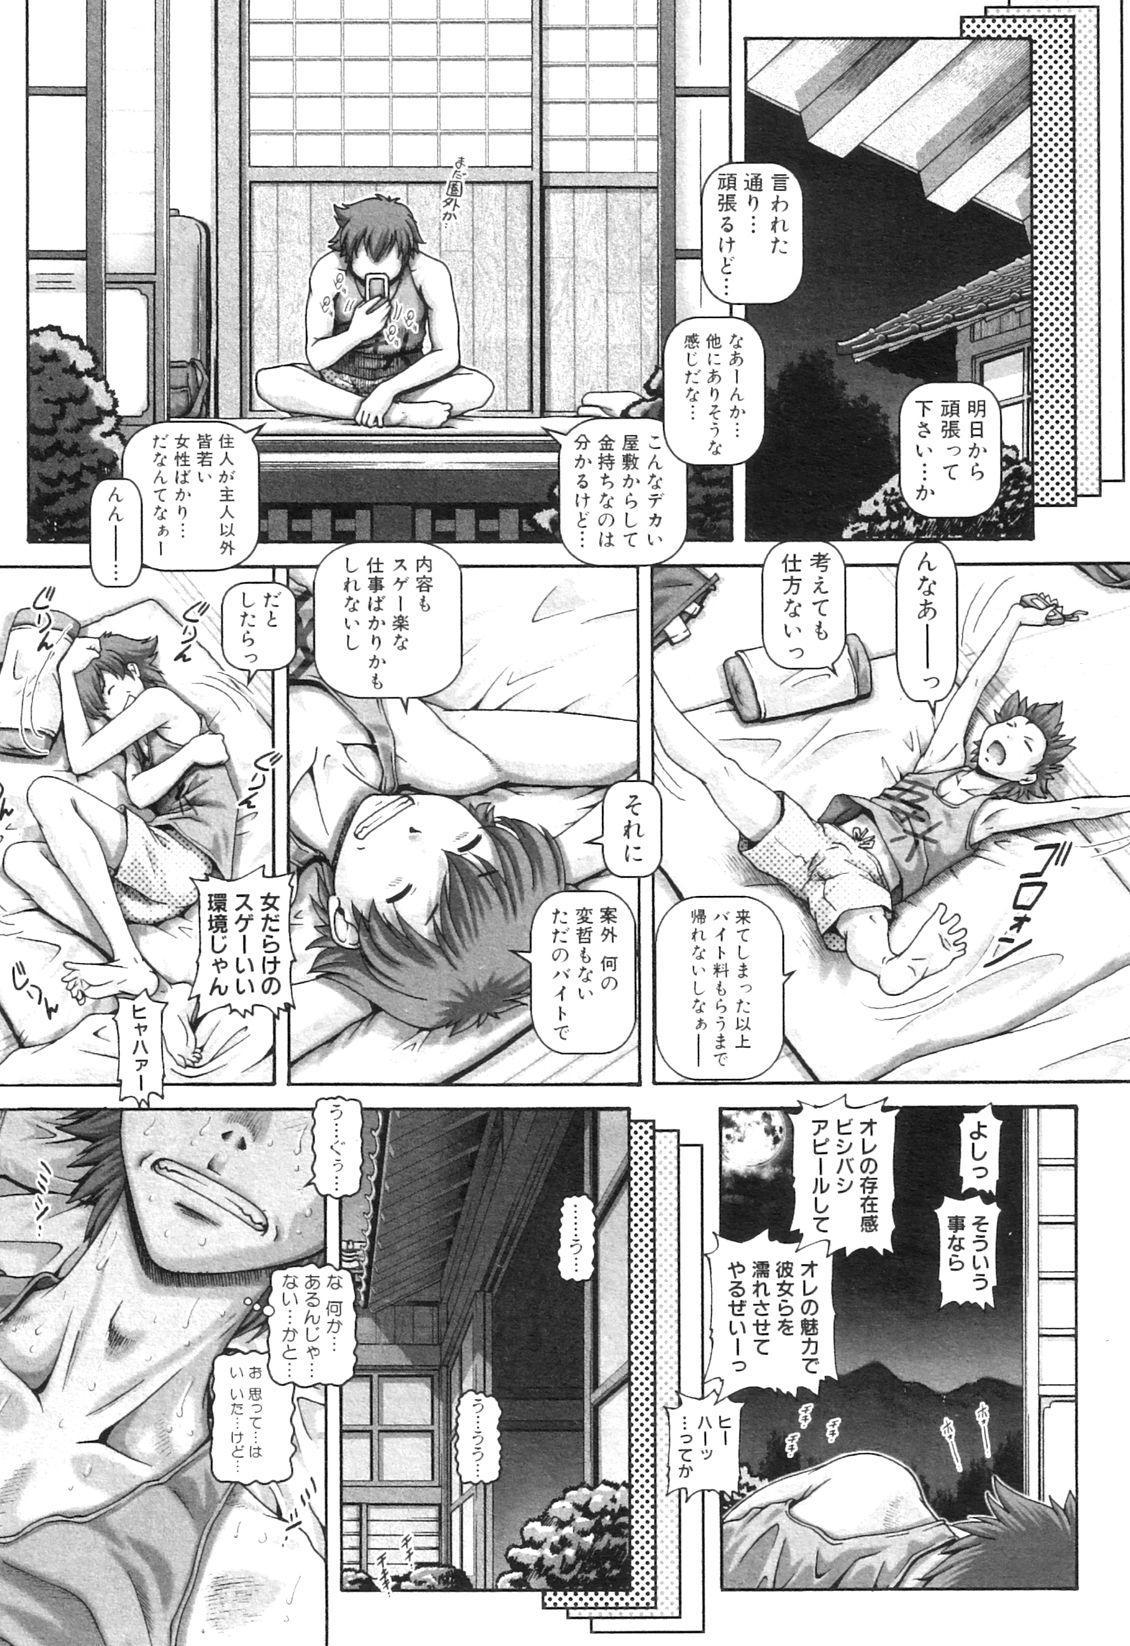 Ayakashiyakata no Tamahime 11